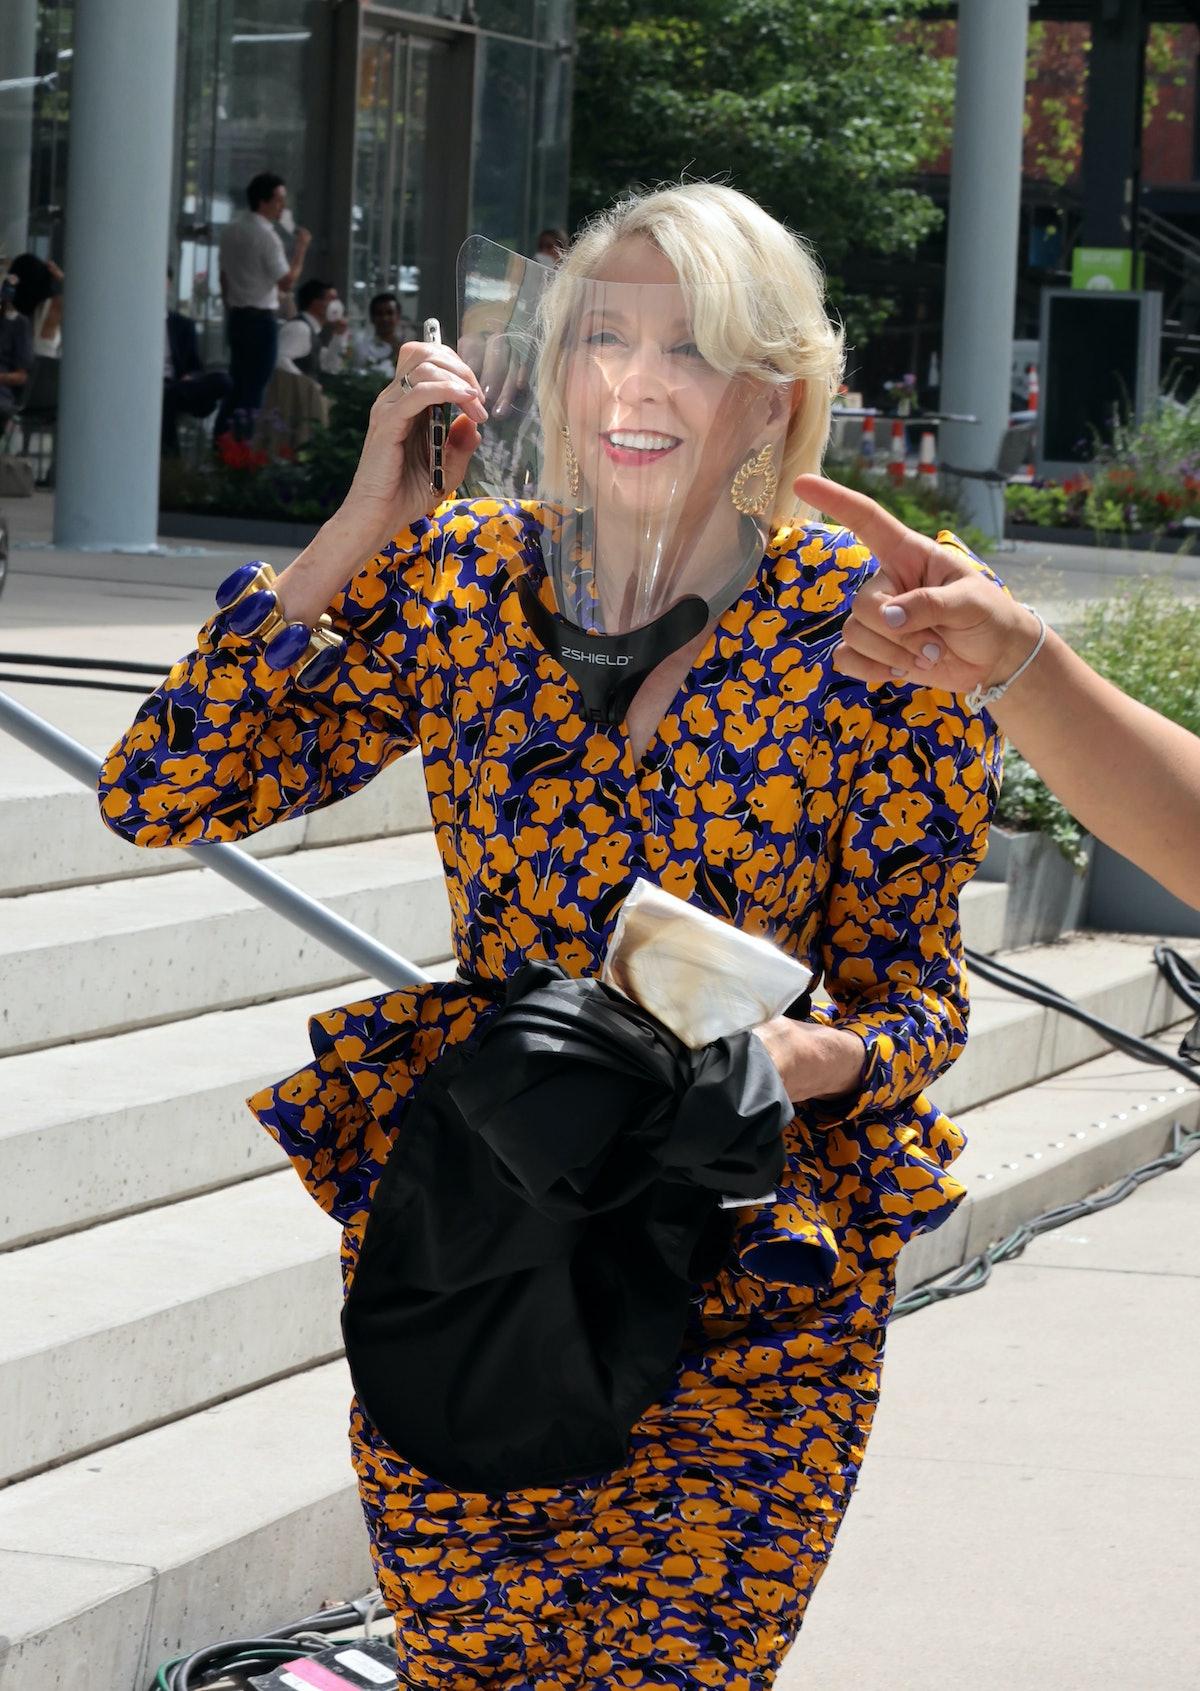 جولی هالستون در صحنه فیلمبرداری